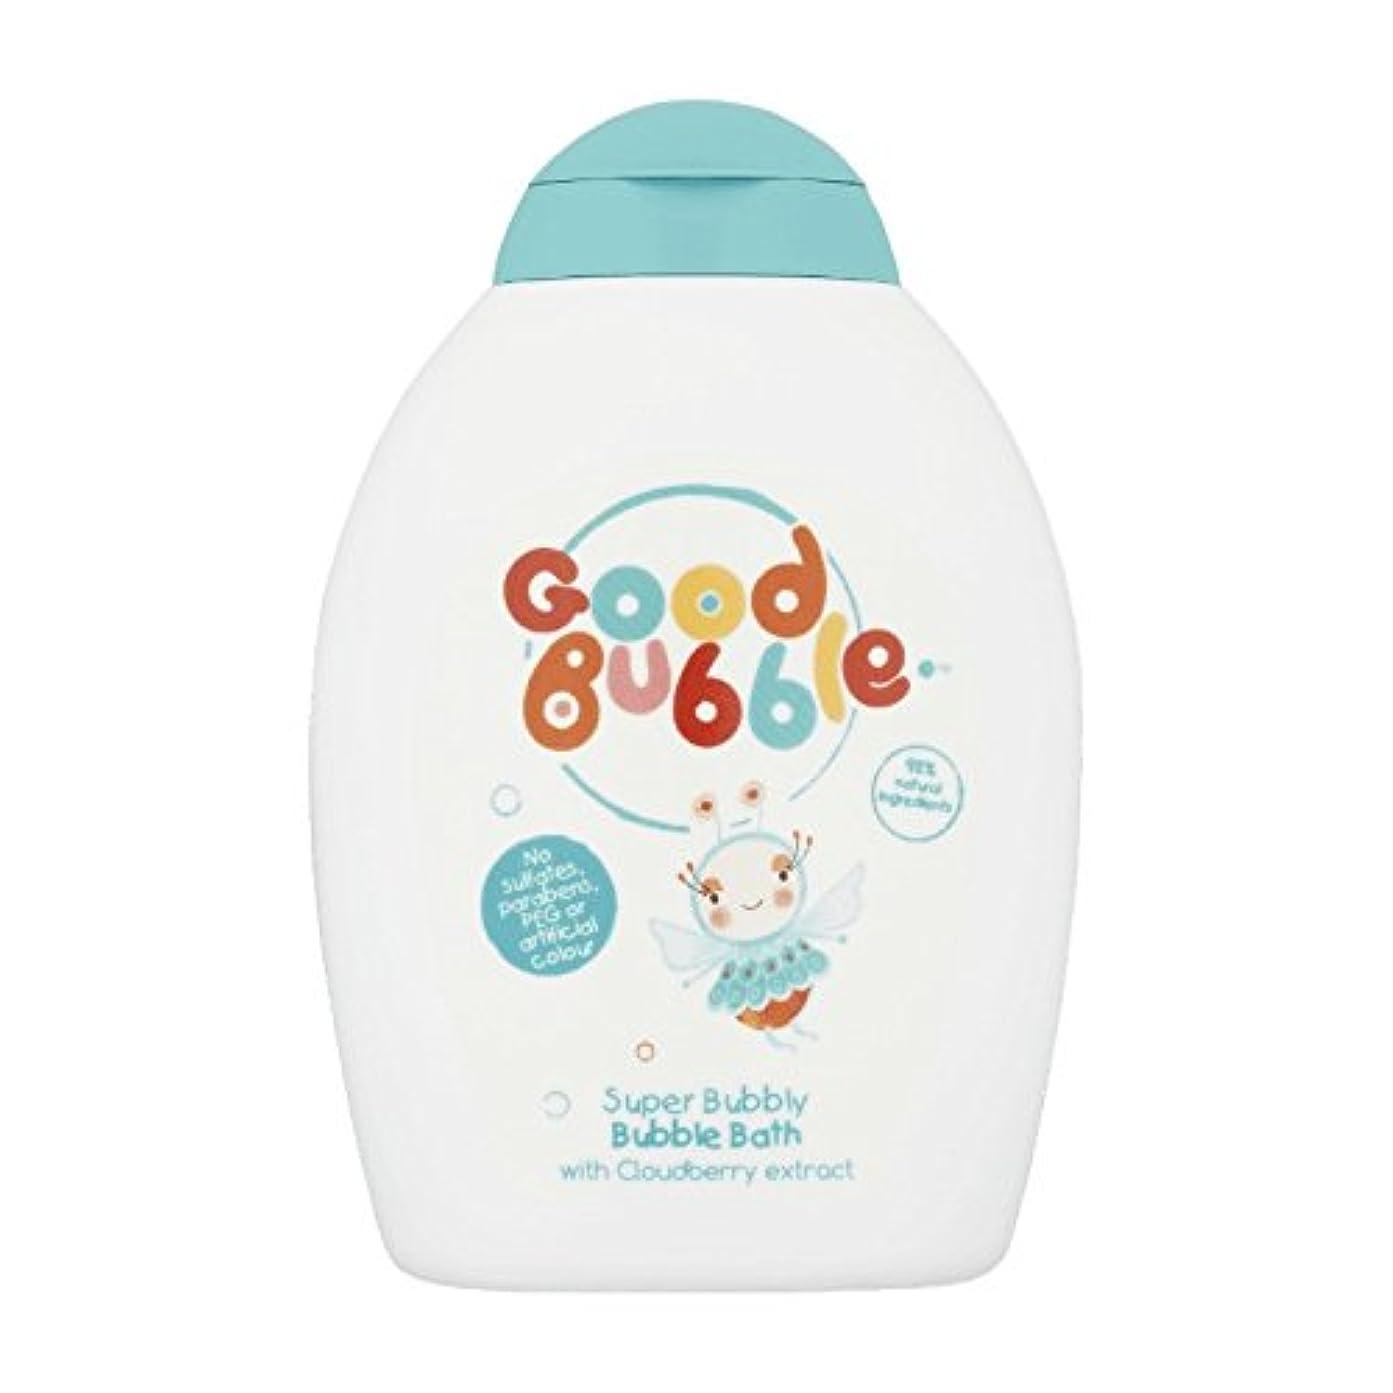 キャッチ伴う薄汚いGood Bubble Cloudberry Bubble Bath 400ml (Pack of 2) - 良いバブルクラウドベリーバブルバス400ミリリットル (x2) [並行輸入品]